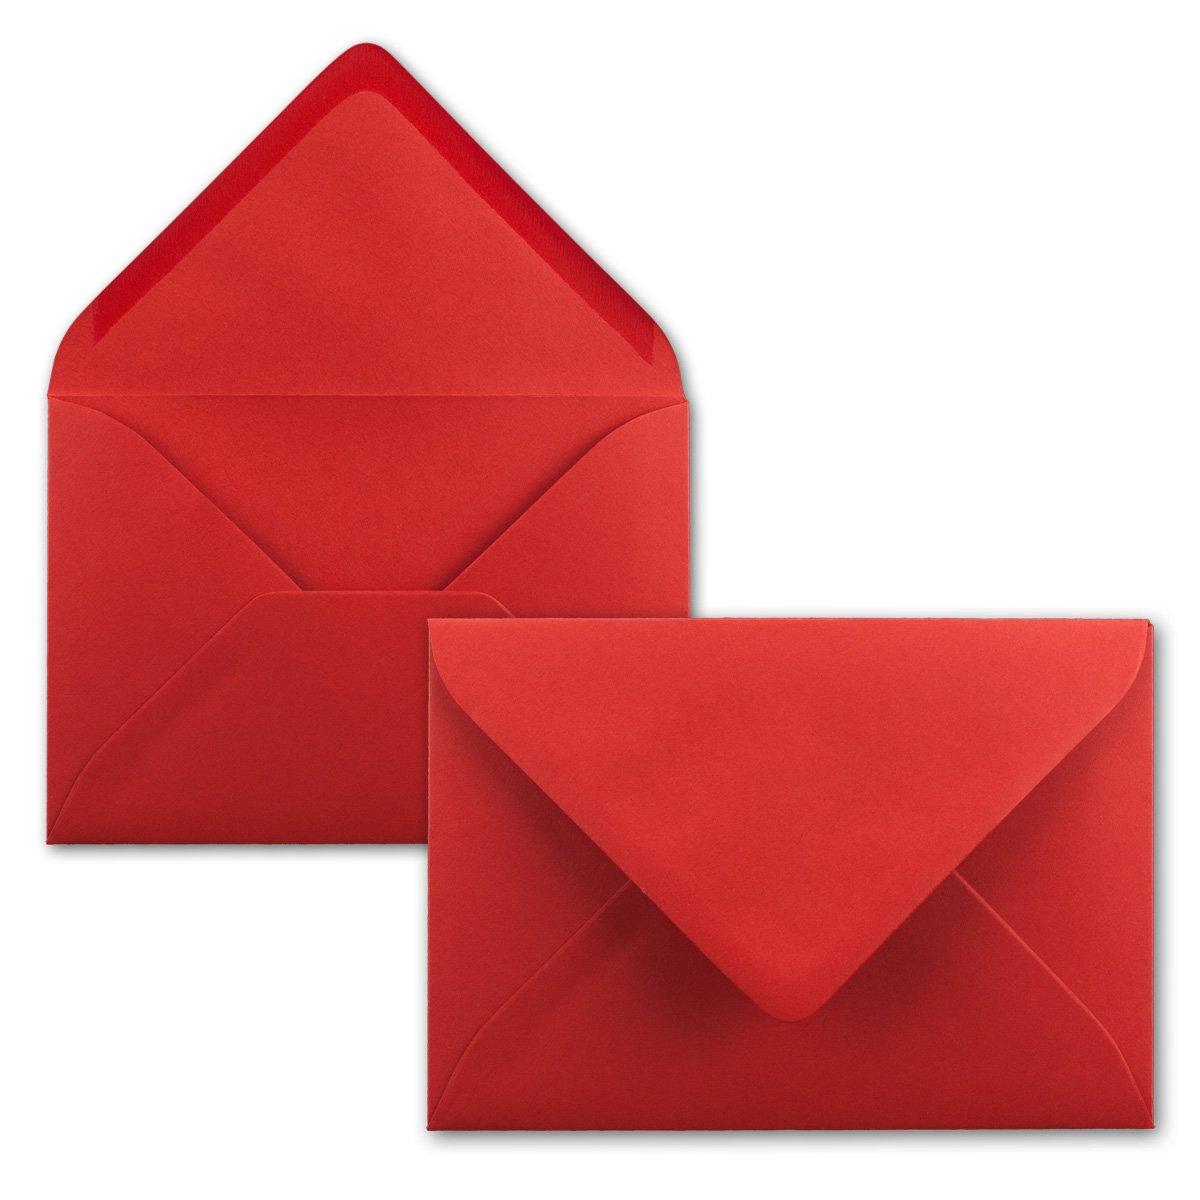 dimensioni/162 x 114/mm in colori vivaci 100 Umschl/äge 29-Rot Neuser Buste per lettere chiusura adesiva da inumidire formato C6